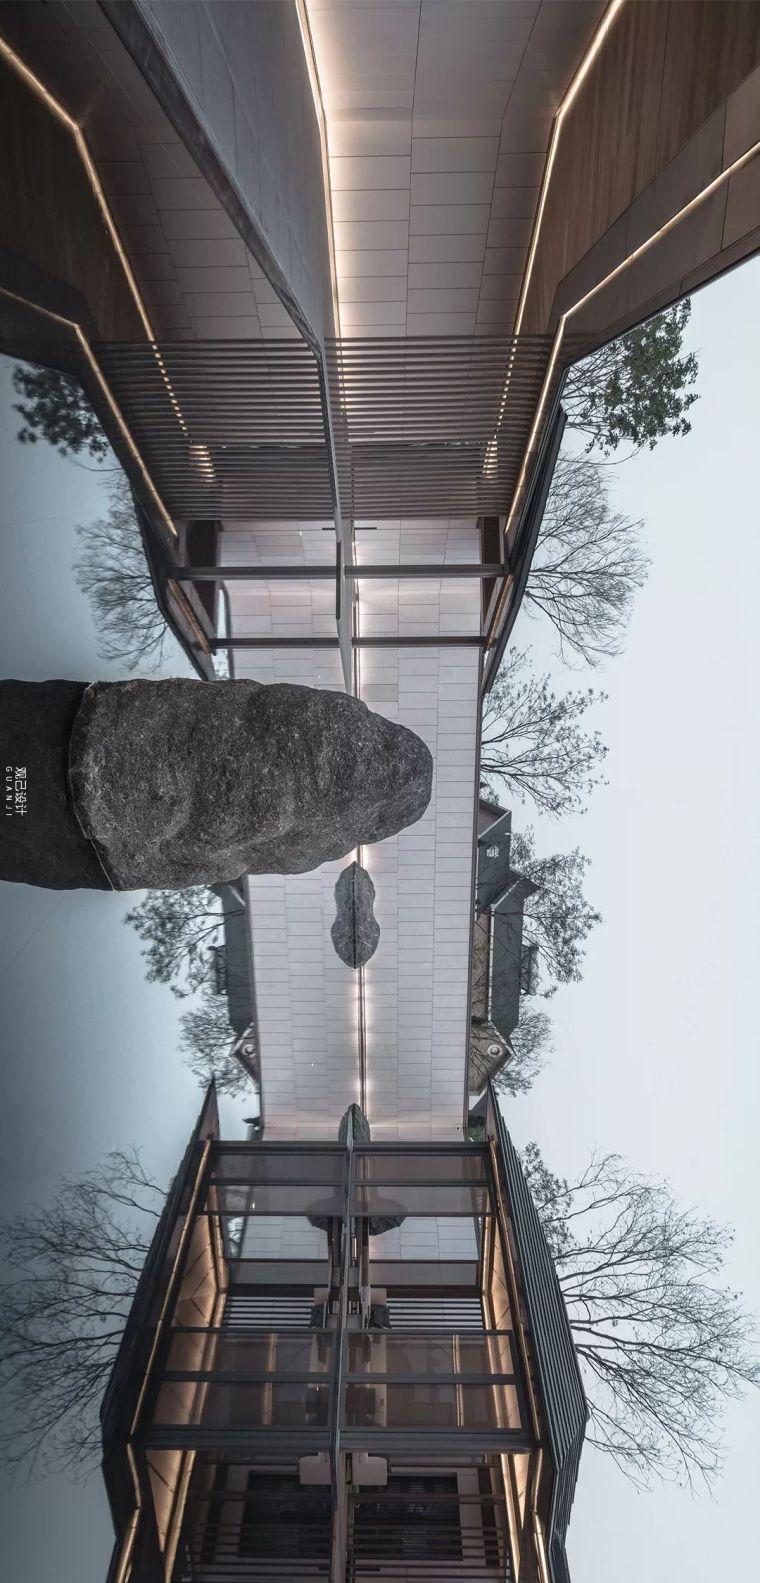 宋式园林,山海剧场|融创&新希望·御栖湖_30